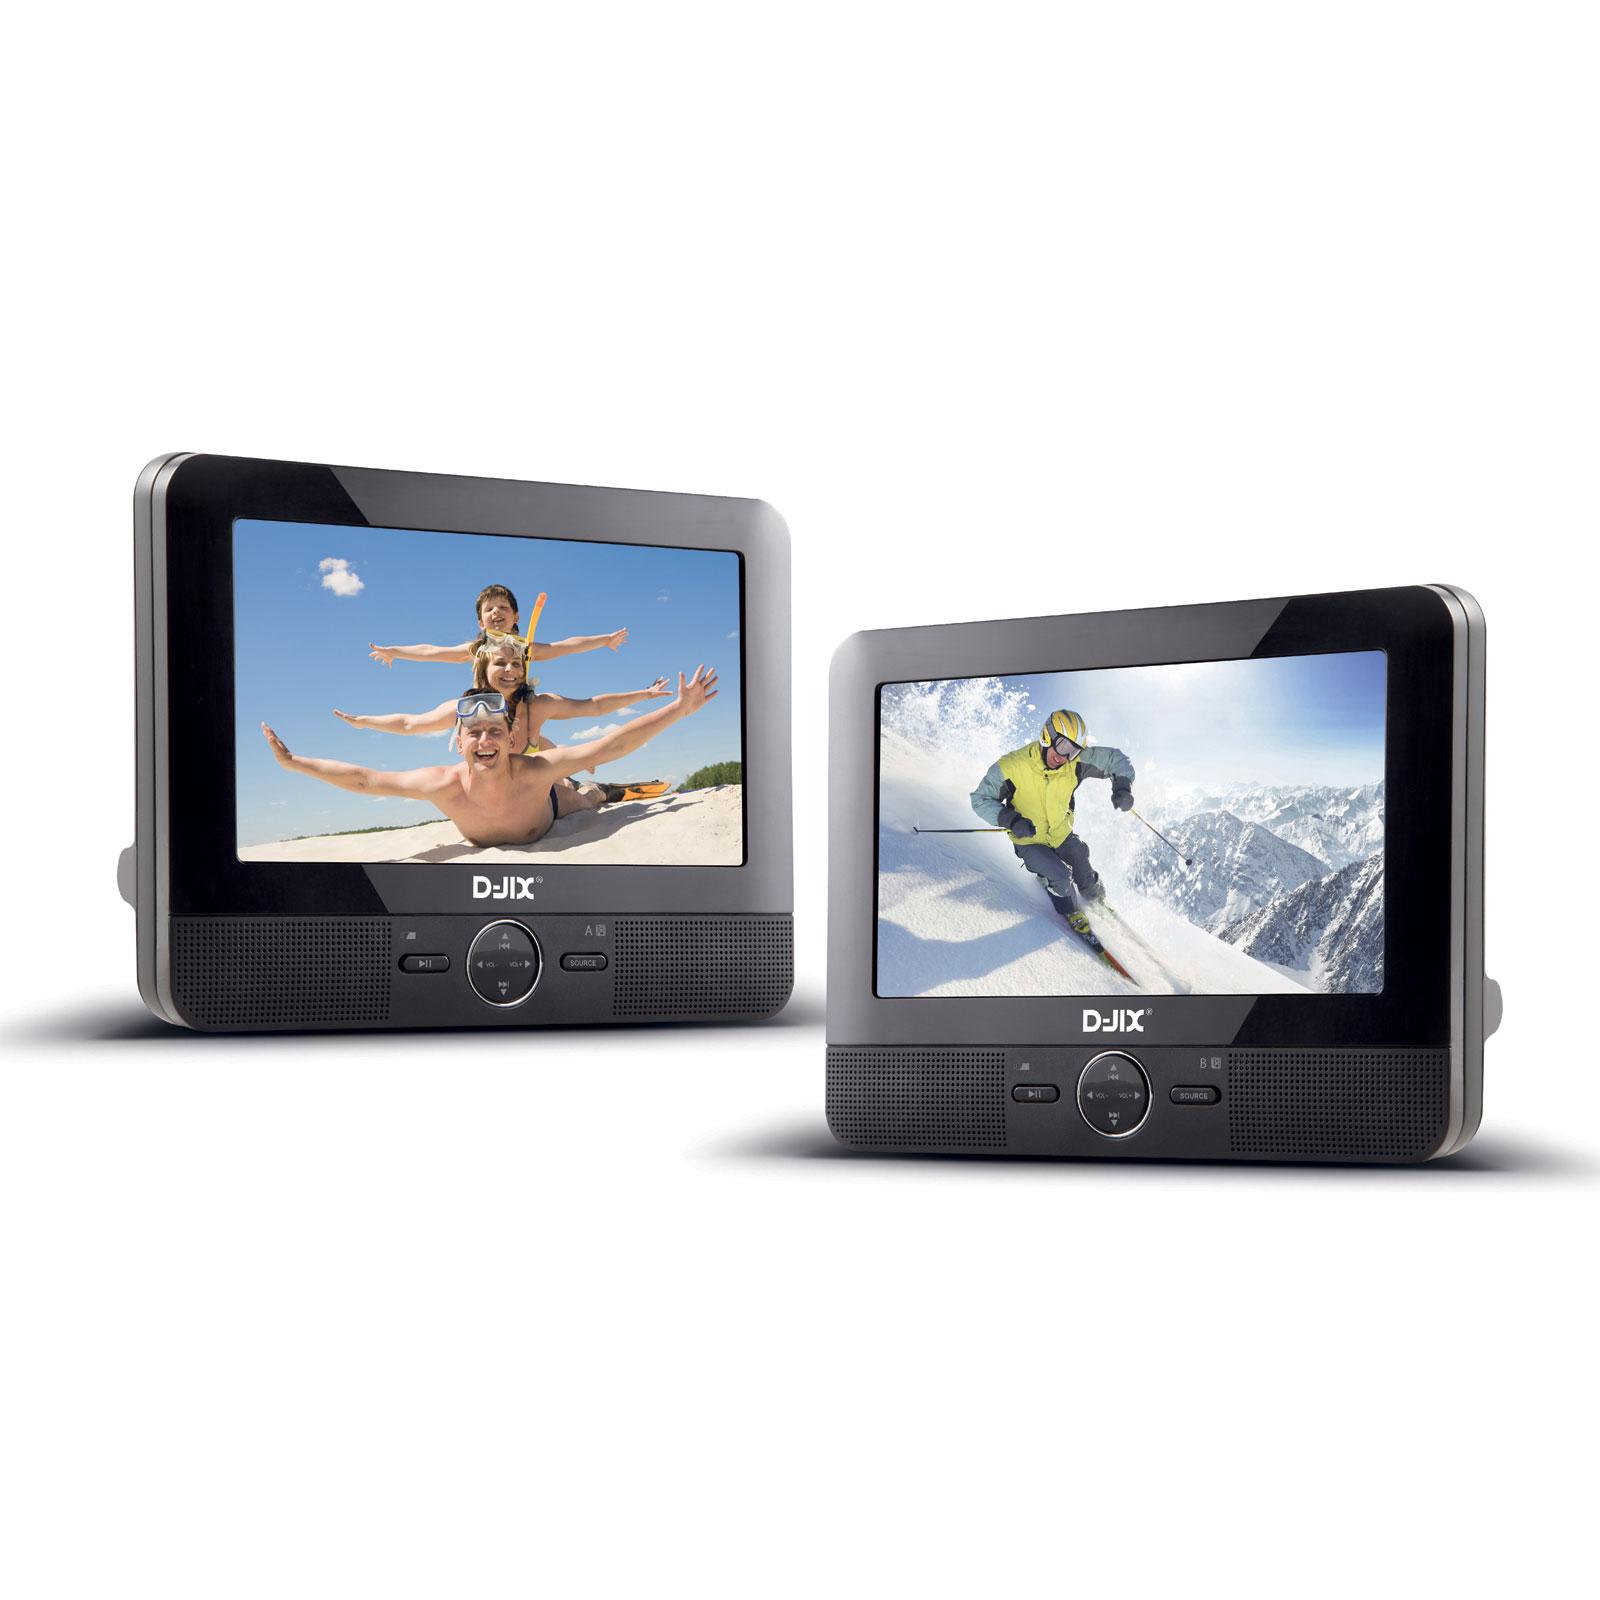 d jix pvs 705 59hdp lecteur dvd portable avec 2 crans et 2 lecteurs comparer avec. Black Bedroom Furniture Sets. Home Design Ideas